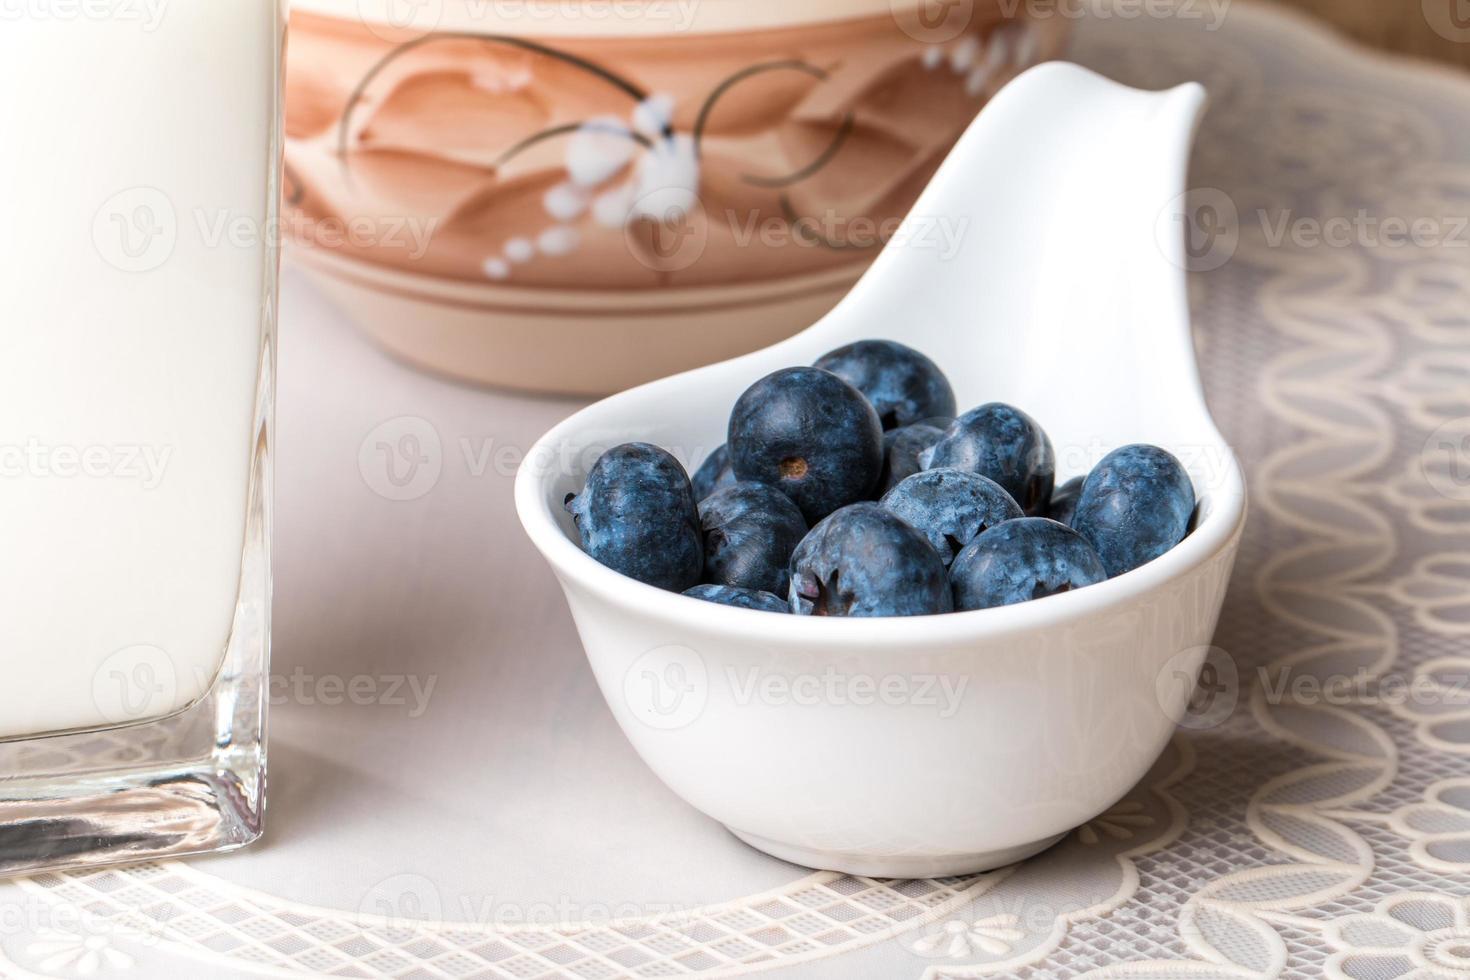 myrtilles et produits laitiers sur table en bois photo